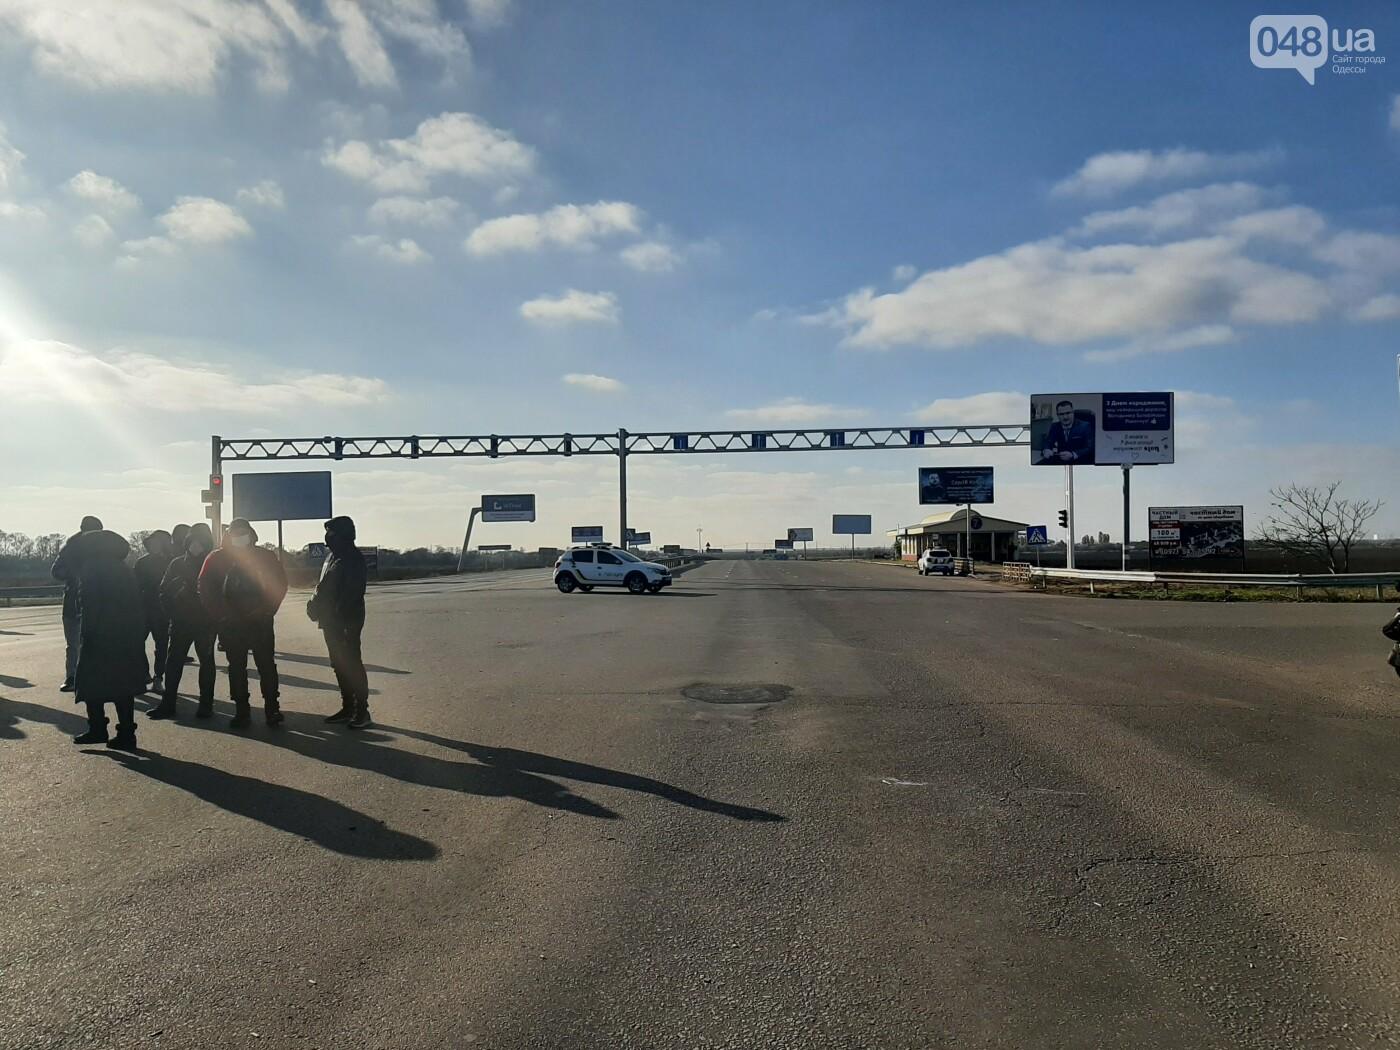 В Одессе сотрудники 7км обещают разбить палатку и ночевать прямо на дороге , - ФОТО, ВИДЕО, фото-3